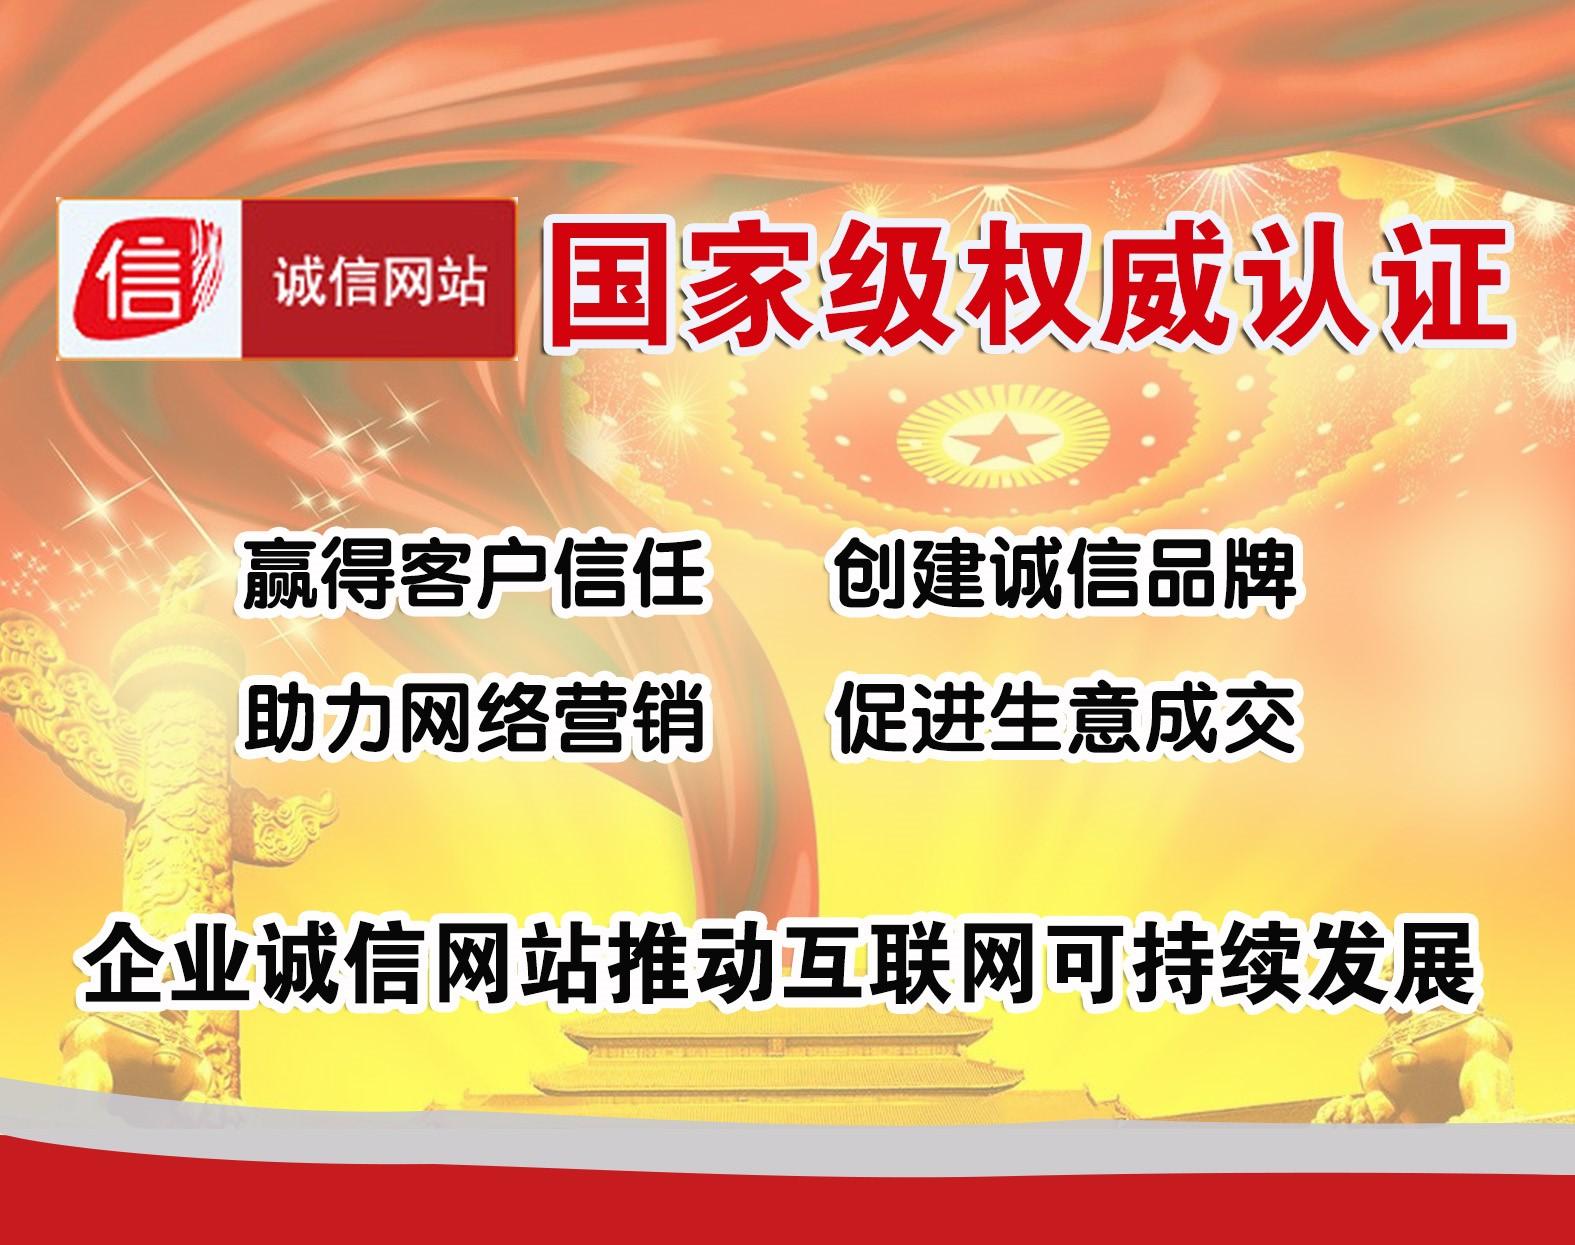 诚信网站认证服务工程 O2O商城建站公司 北京中万网络科技有限责任公司